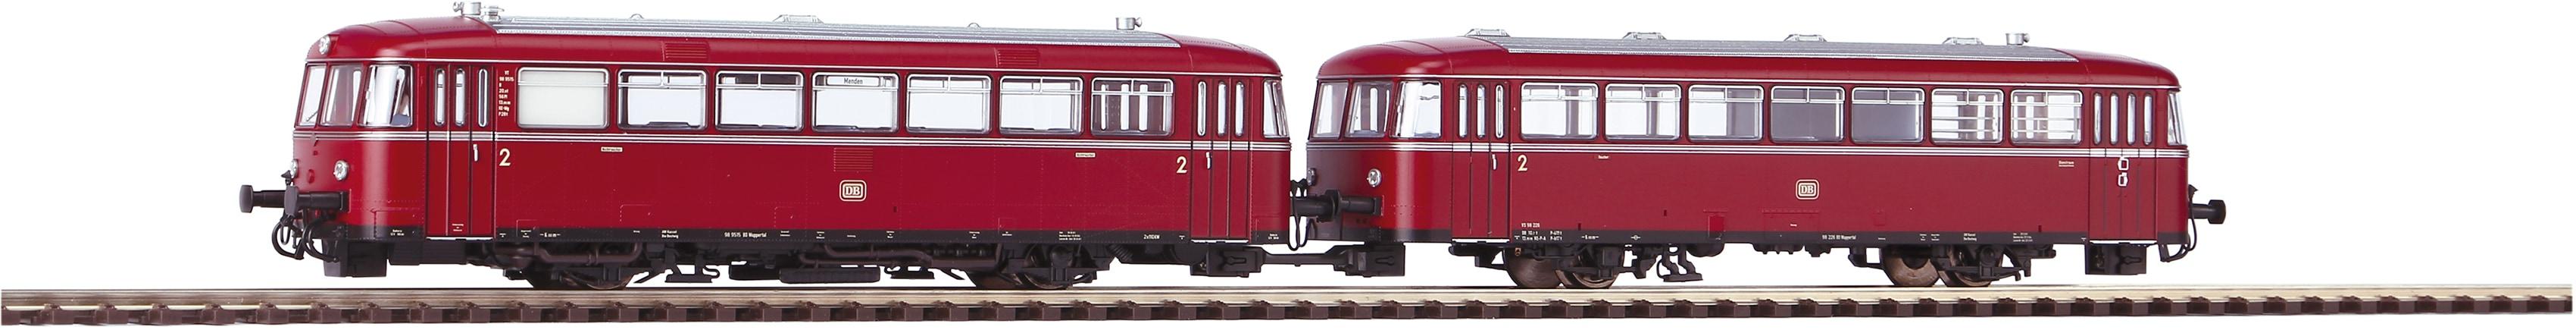 PIKO Personenwagen VT 98 und VS 98, (52724) rot Kinder Loks Wägen Modelleisenbahnen Autos, Eisenbahn Modellbau